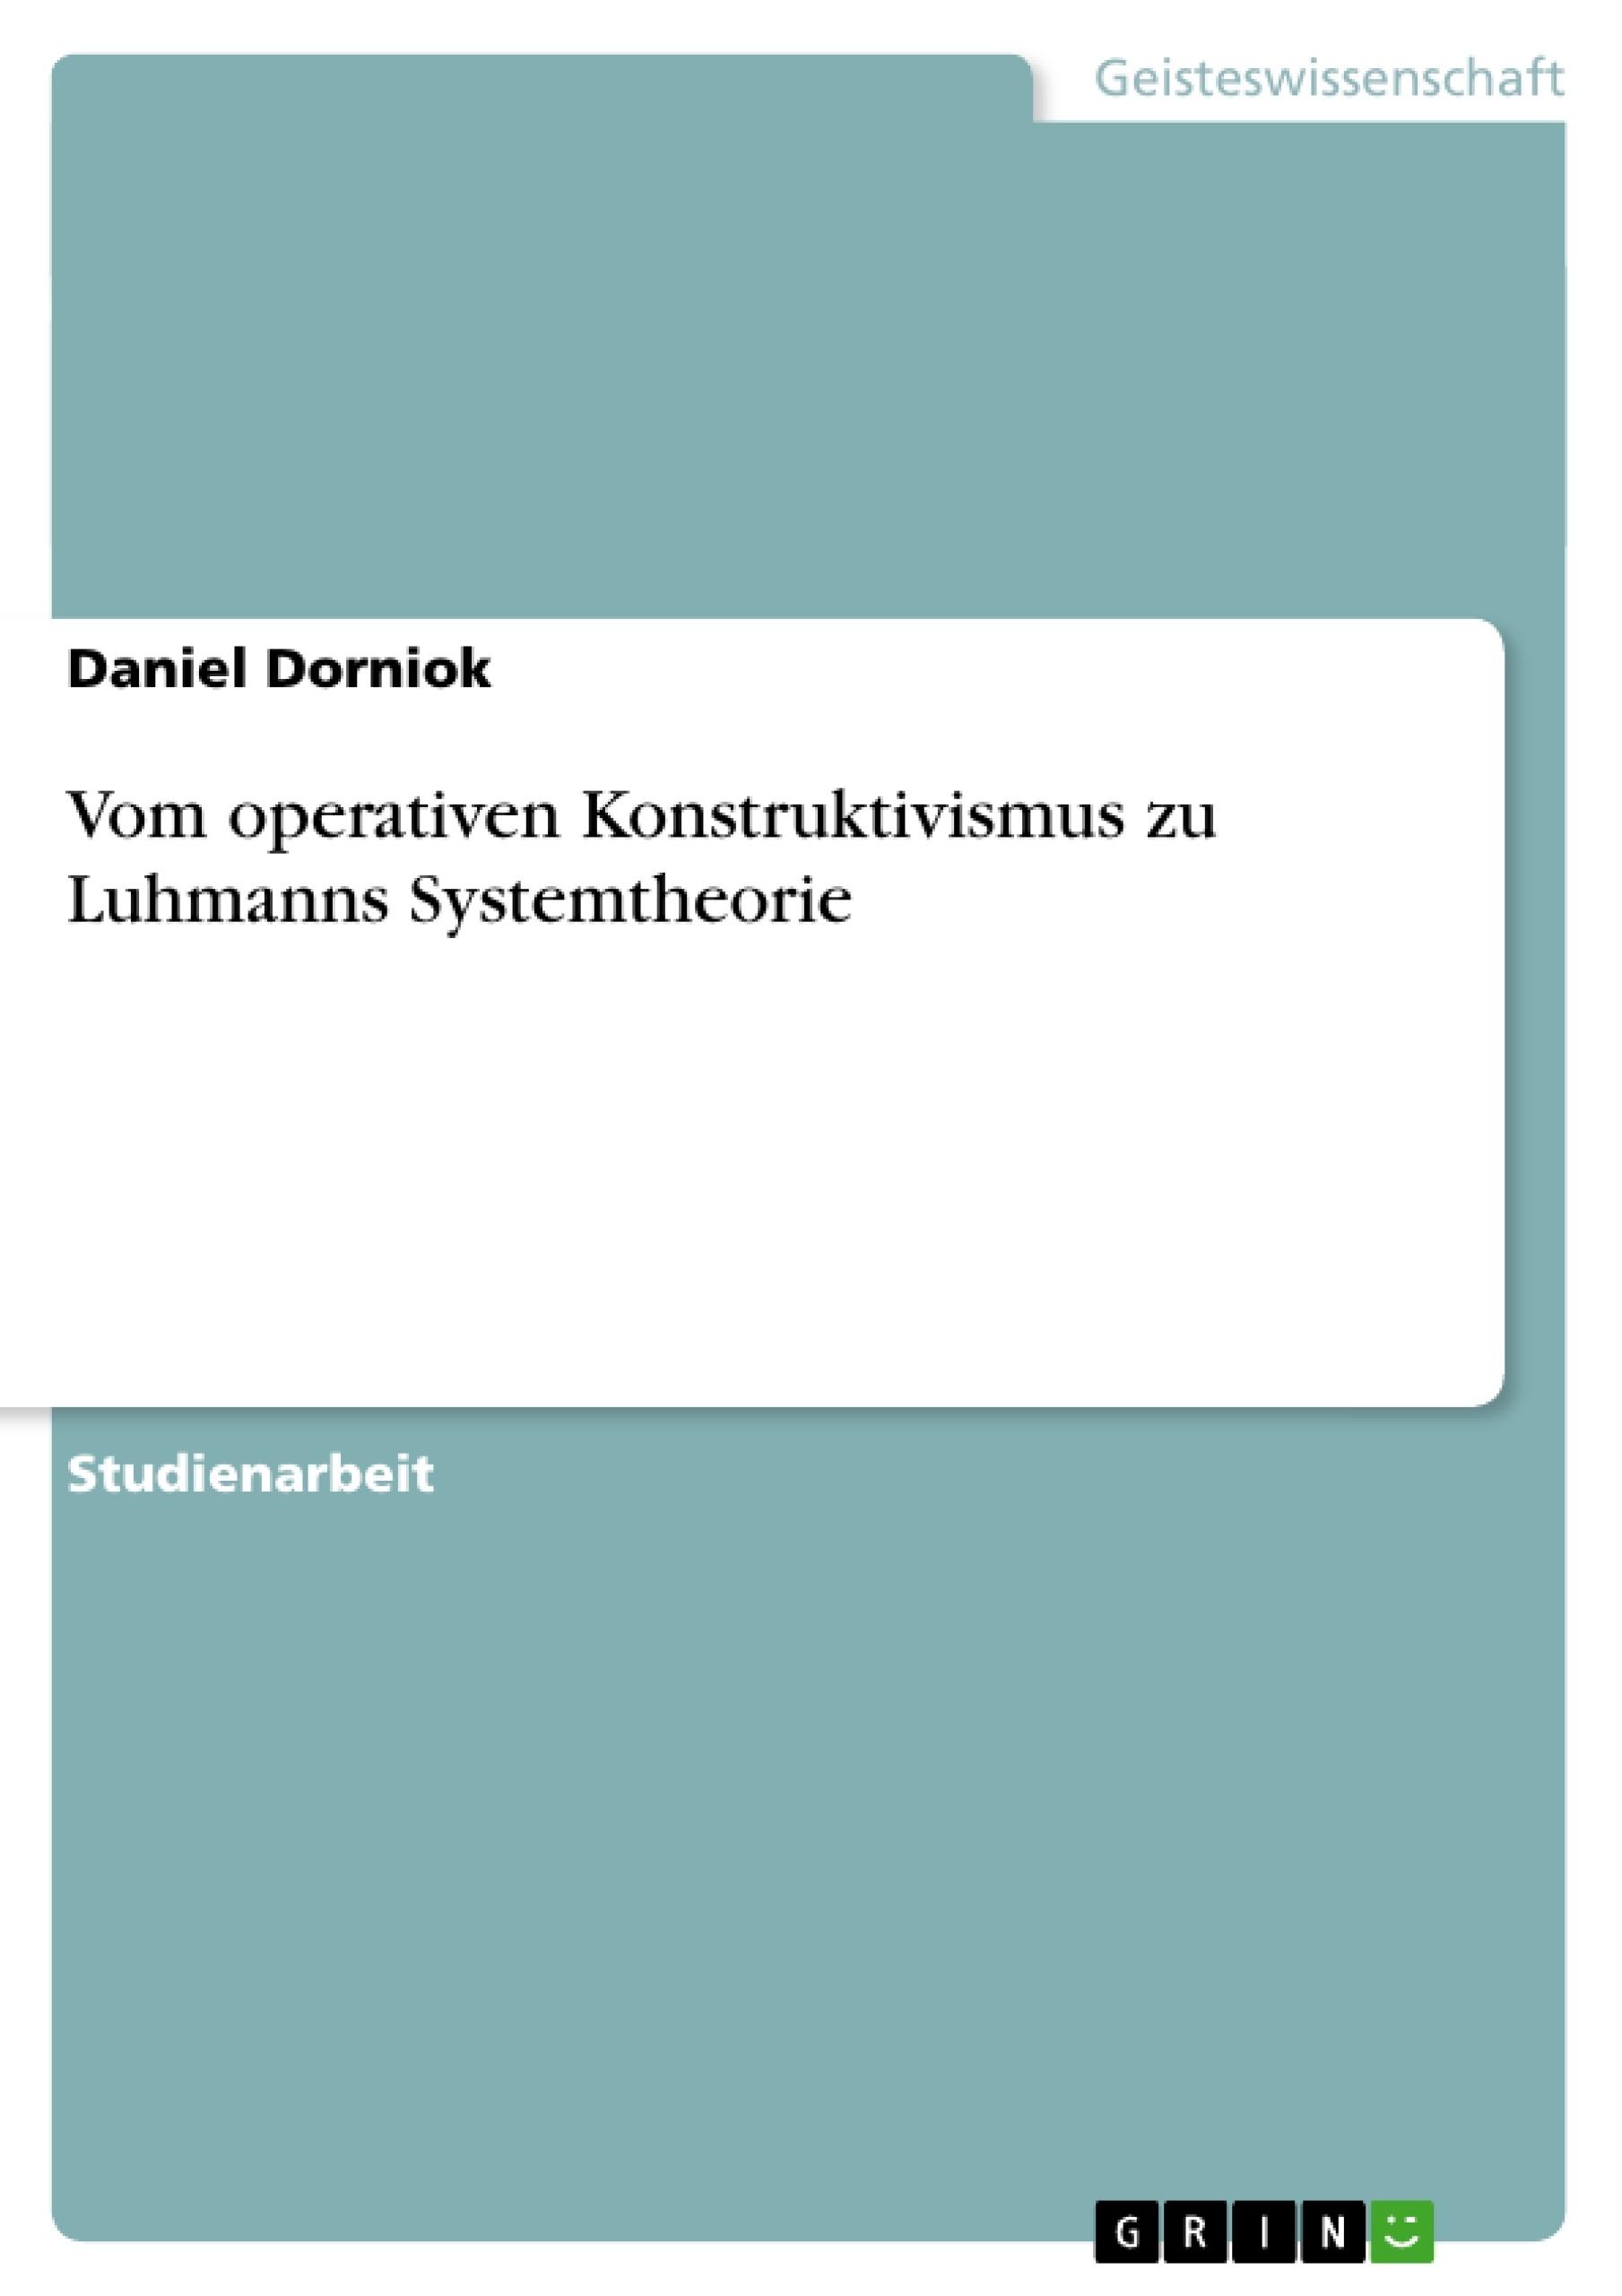 Titel: Vom operativen Konstruktivismus zu Luhmanns Systemtheorie